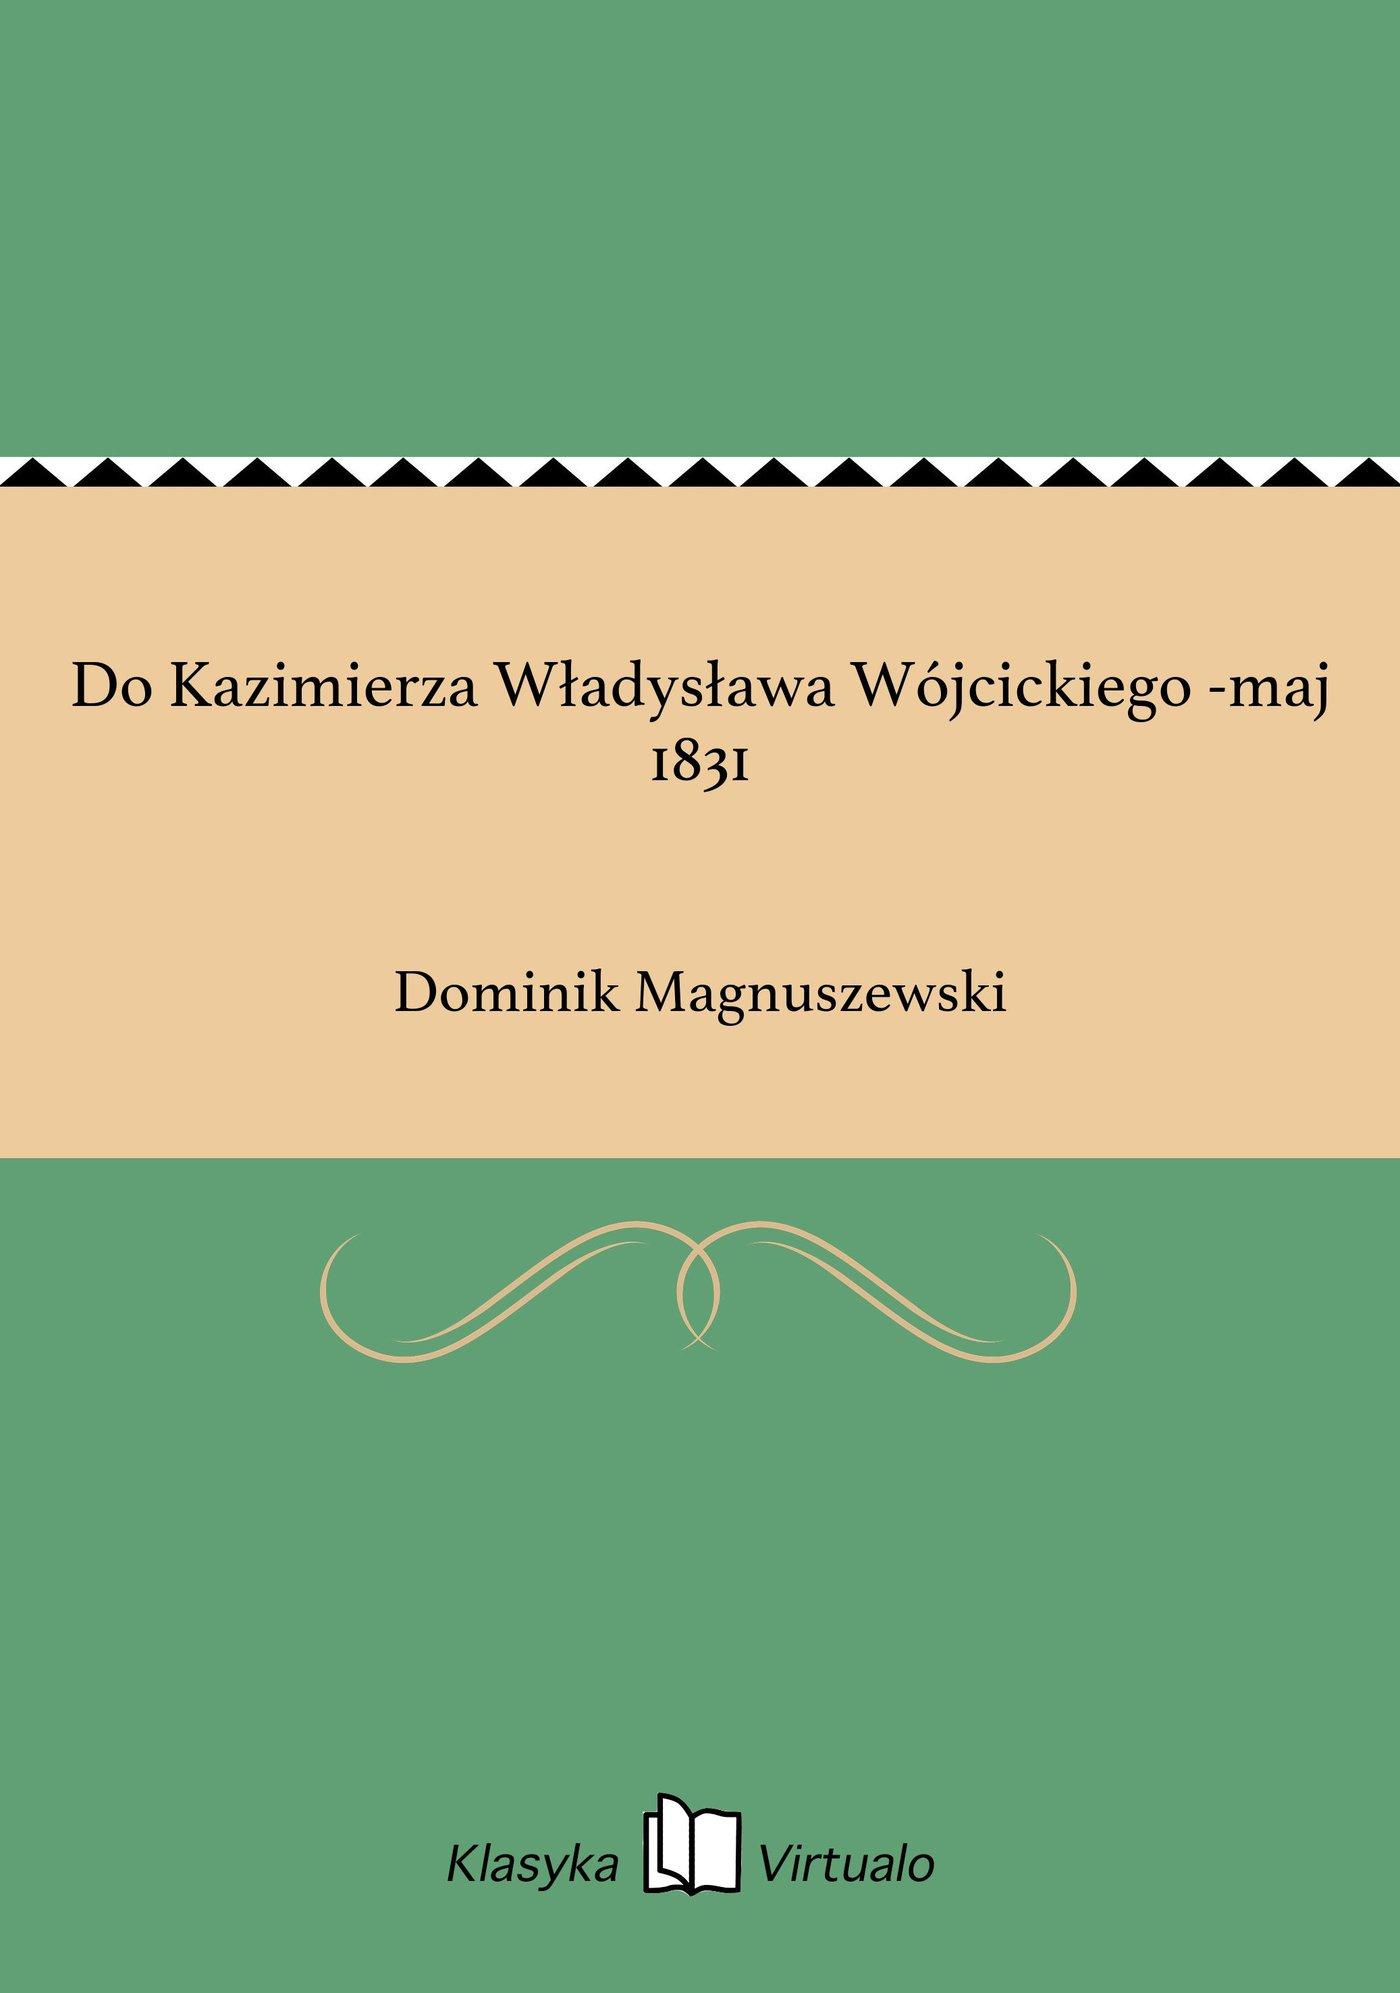 Do Kazimierza Władysława Wójcickiego -maj 1831 - Ebook (Książka EPUB) do pobrania w formacie EPUB